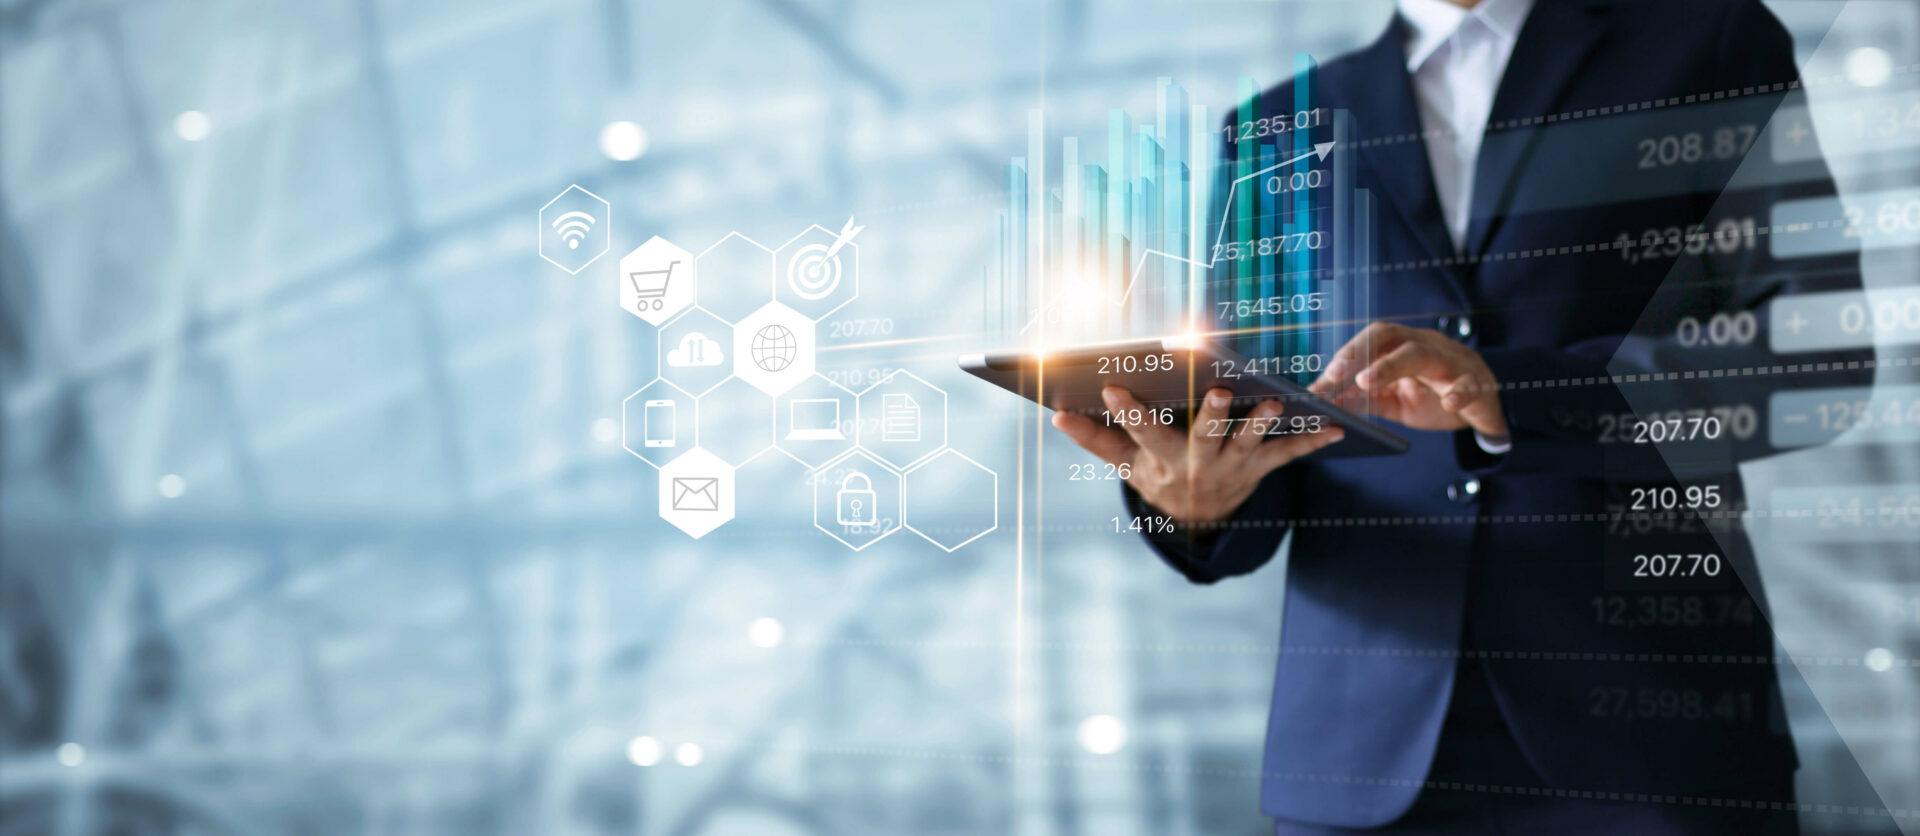 o Open Banking é um novo modelo de negócio que permite que os dados dos clientes sejam compartilhados entre as instituições